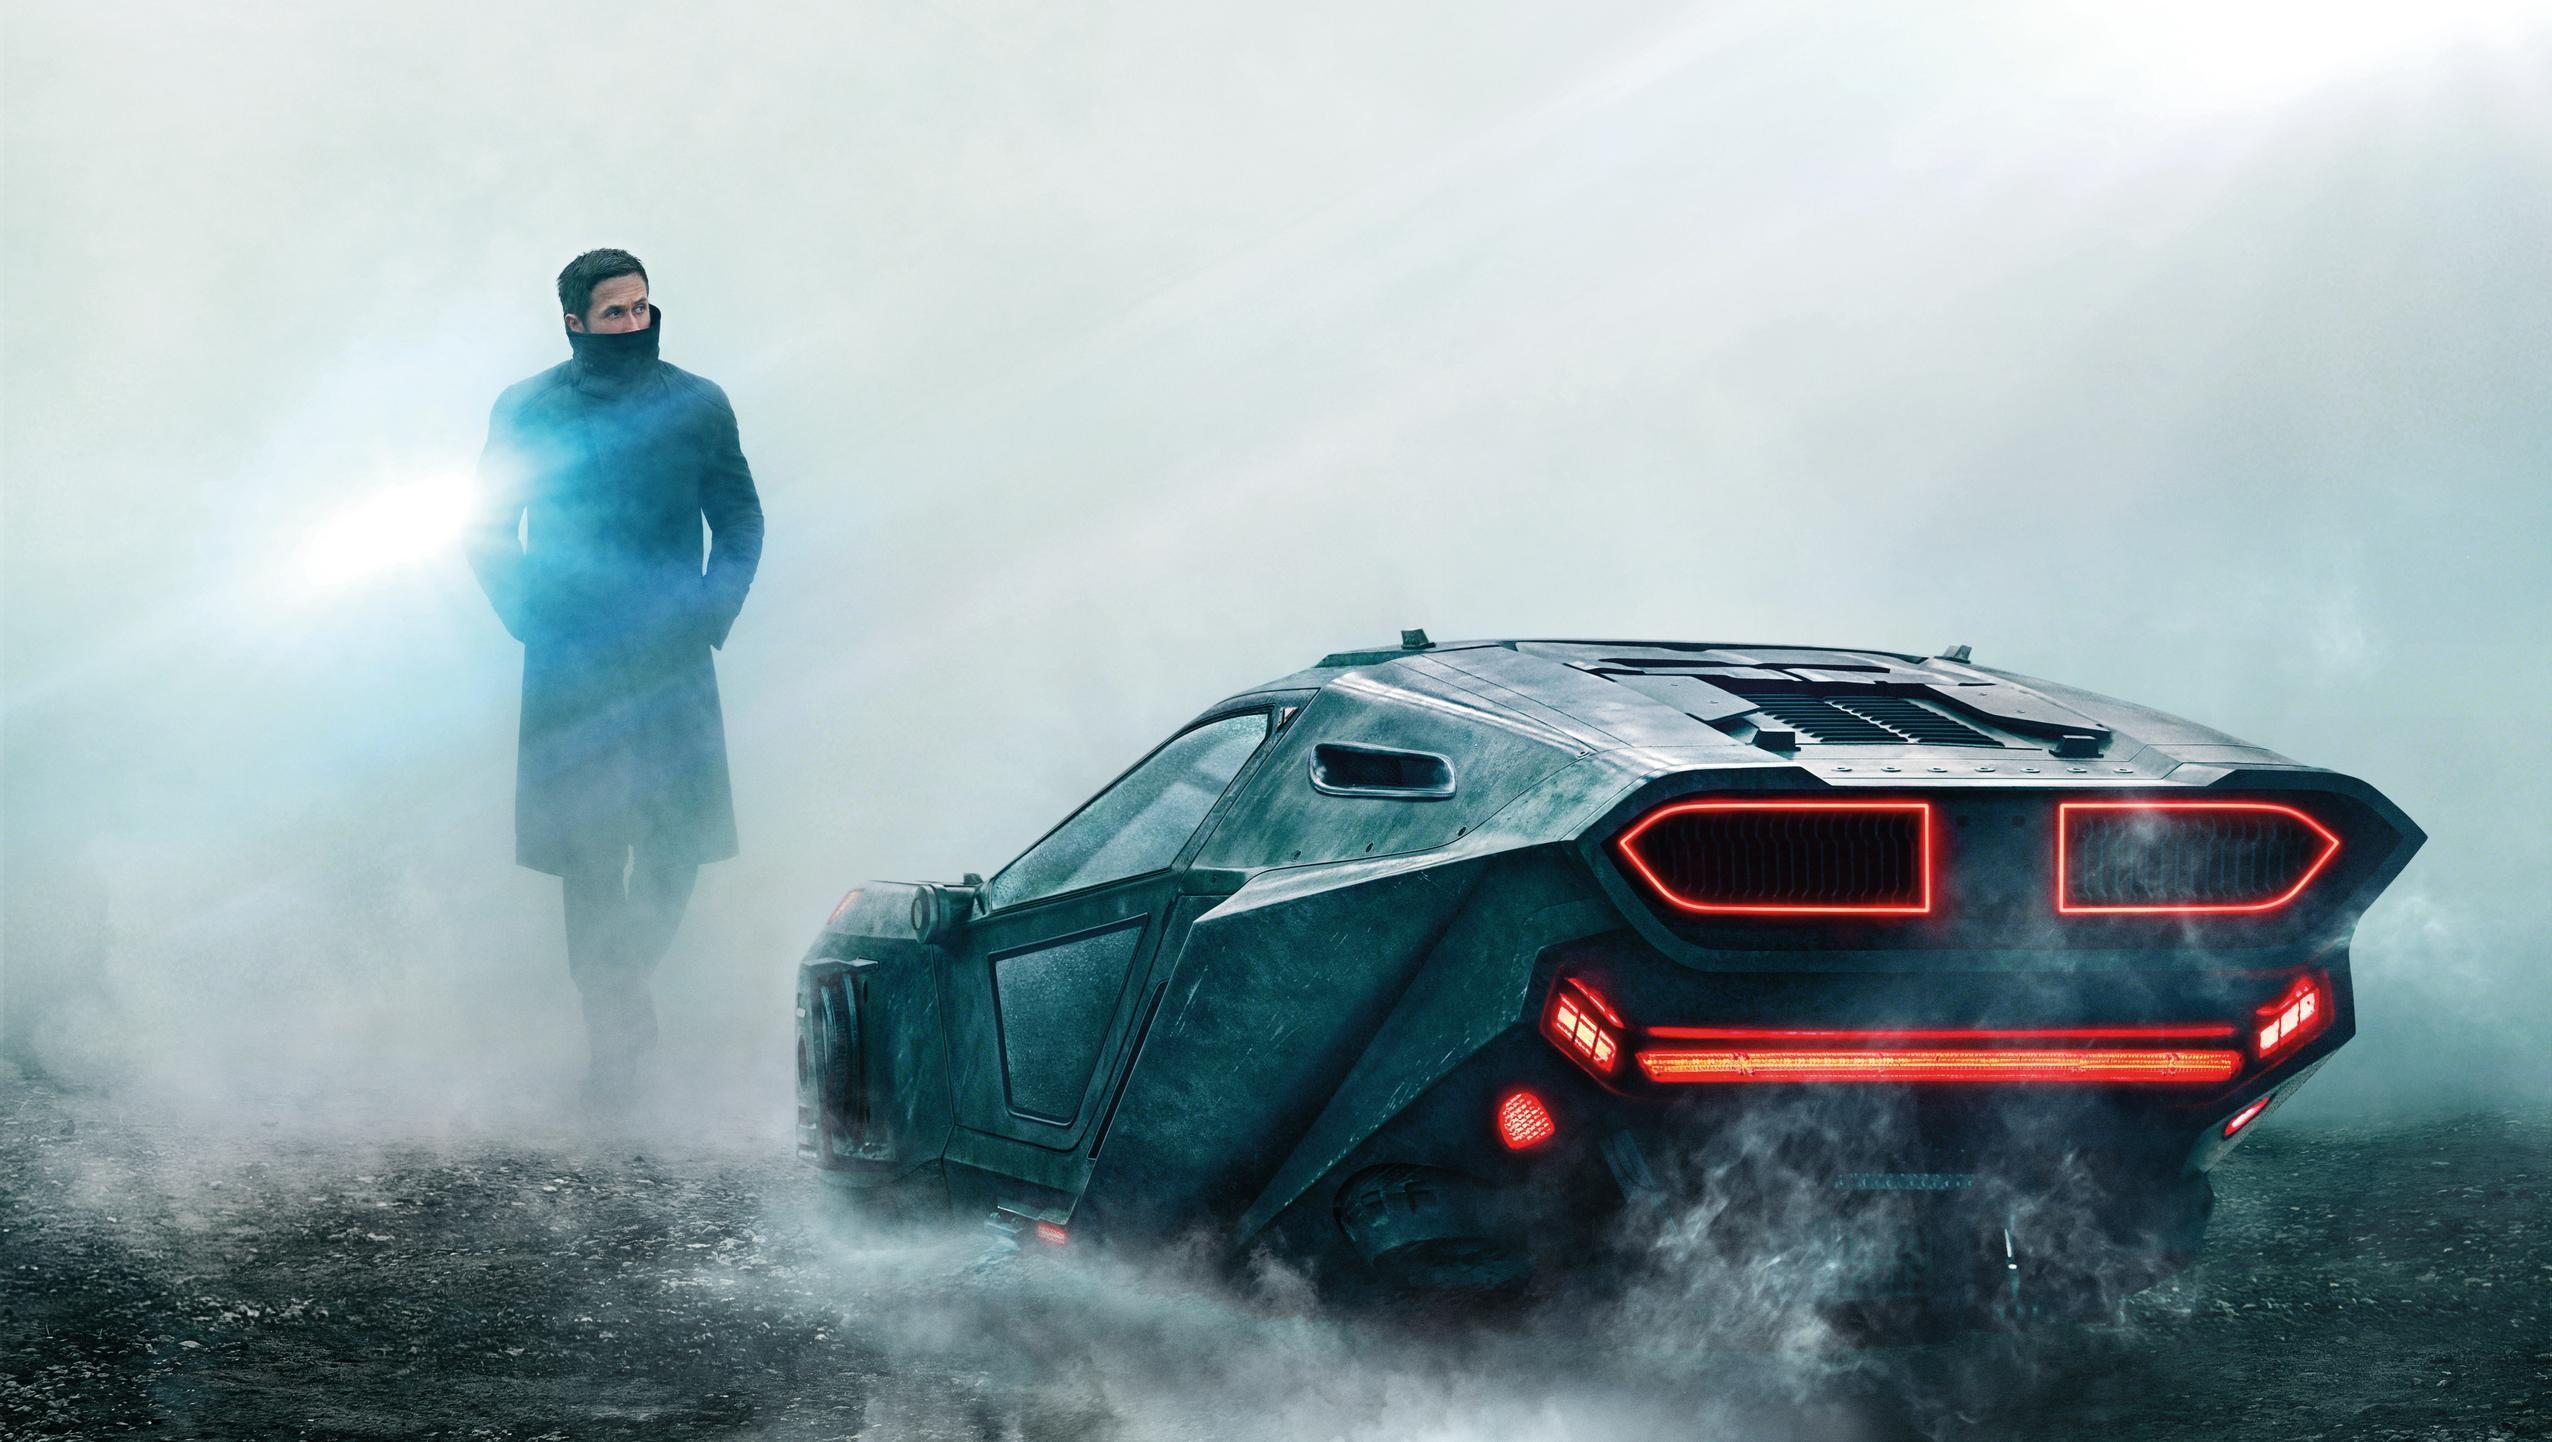 """Res: 2552x1442, Wallpaper for """"Blade Runner 2049"""" ..."""